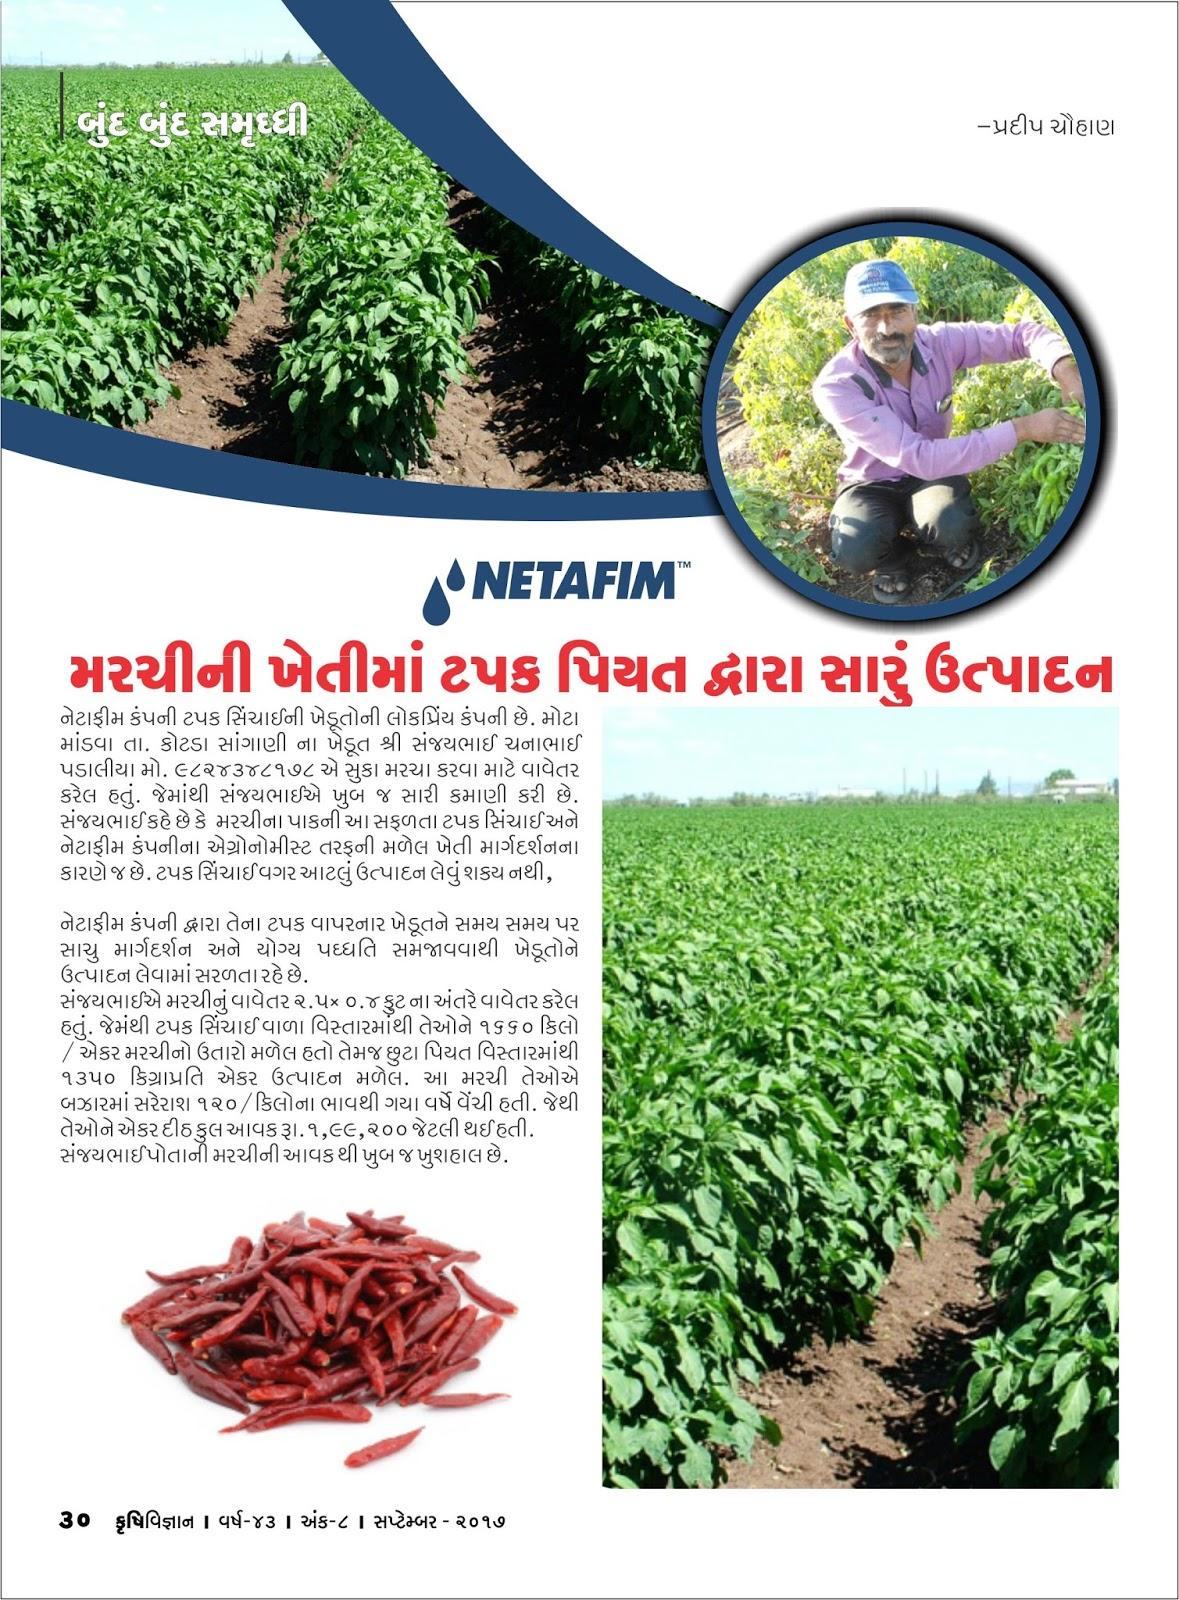 બુંદ બુંદ સમૃદ્ધિ :મરચીની ખેતીમાં ટપક પિયત દ્વારા સારું ઉત્પાદન